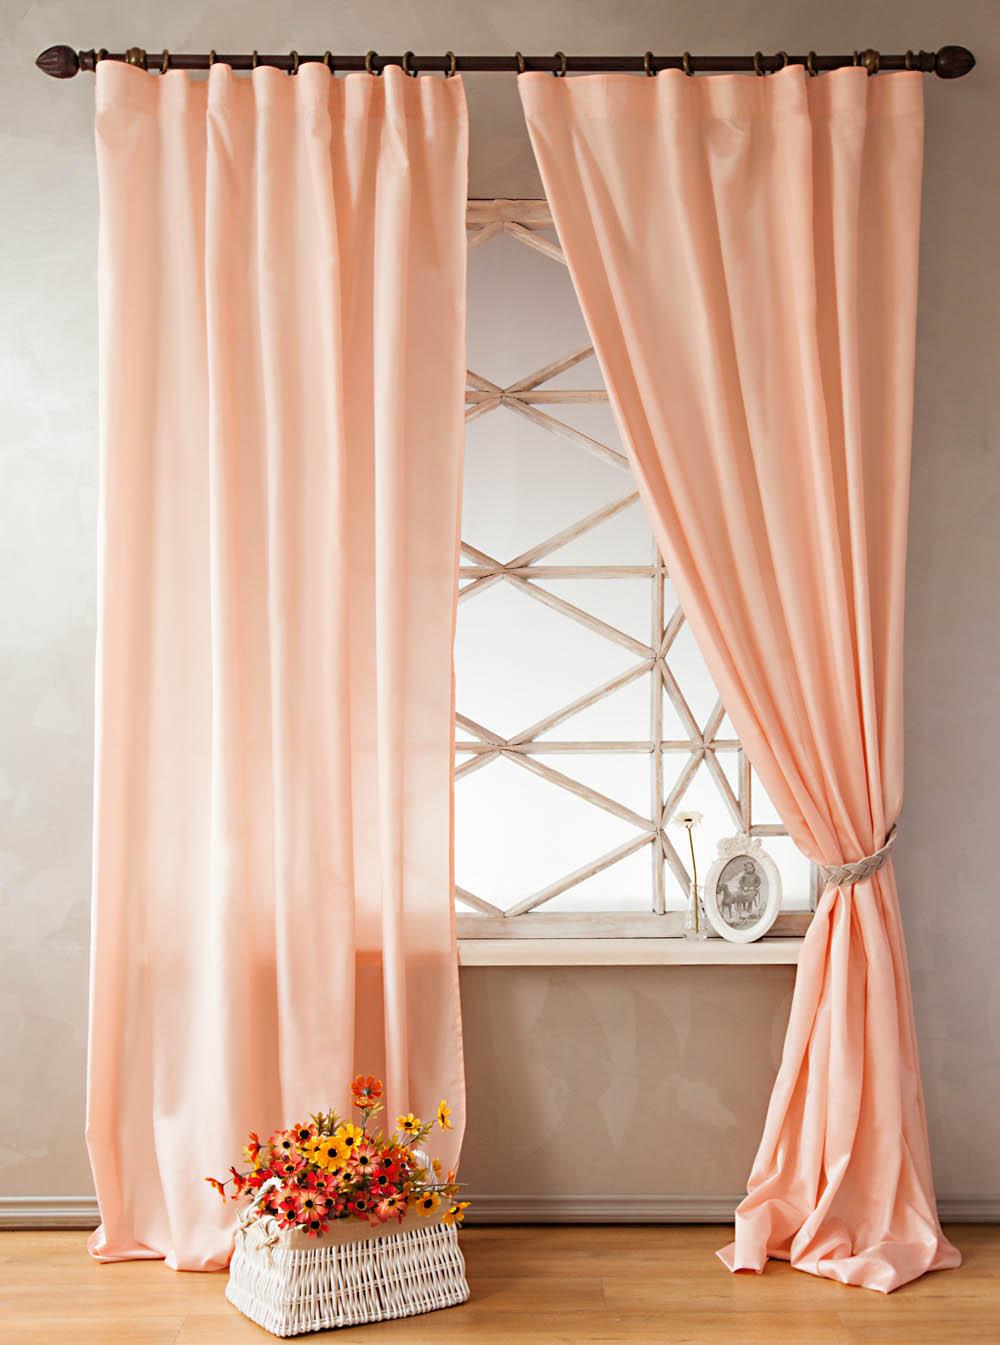 Шторы PASIONARIA Классические шторы Лори Цвет: Розовый pasionaria pasionaria классические шторы оксфорд цвет зеленый